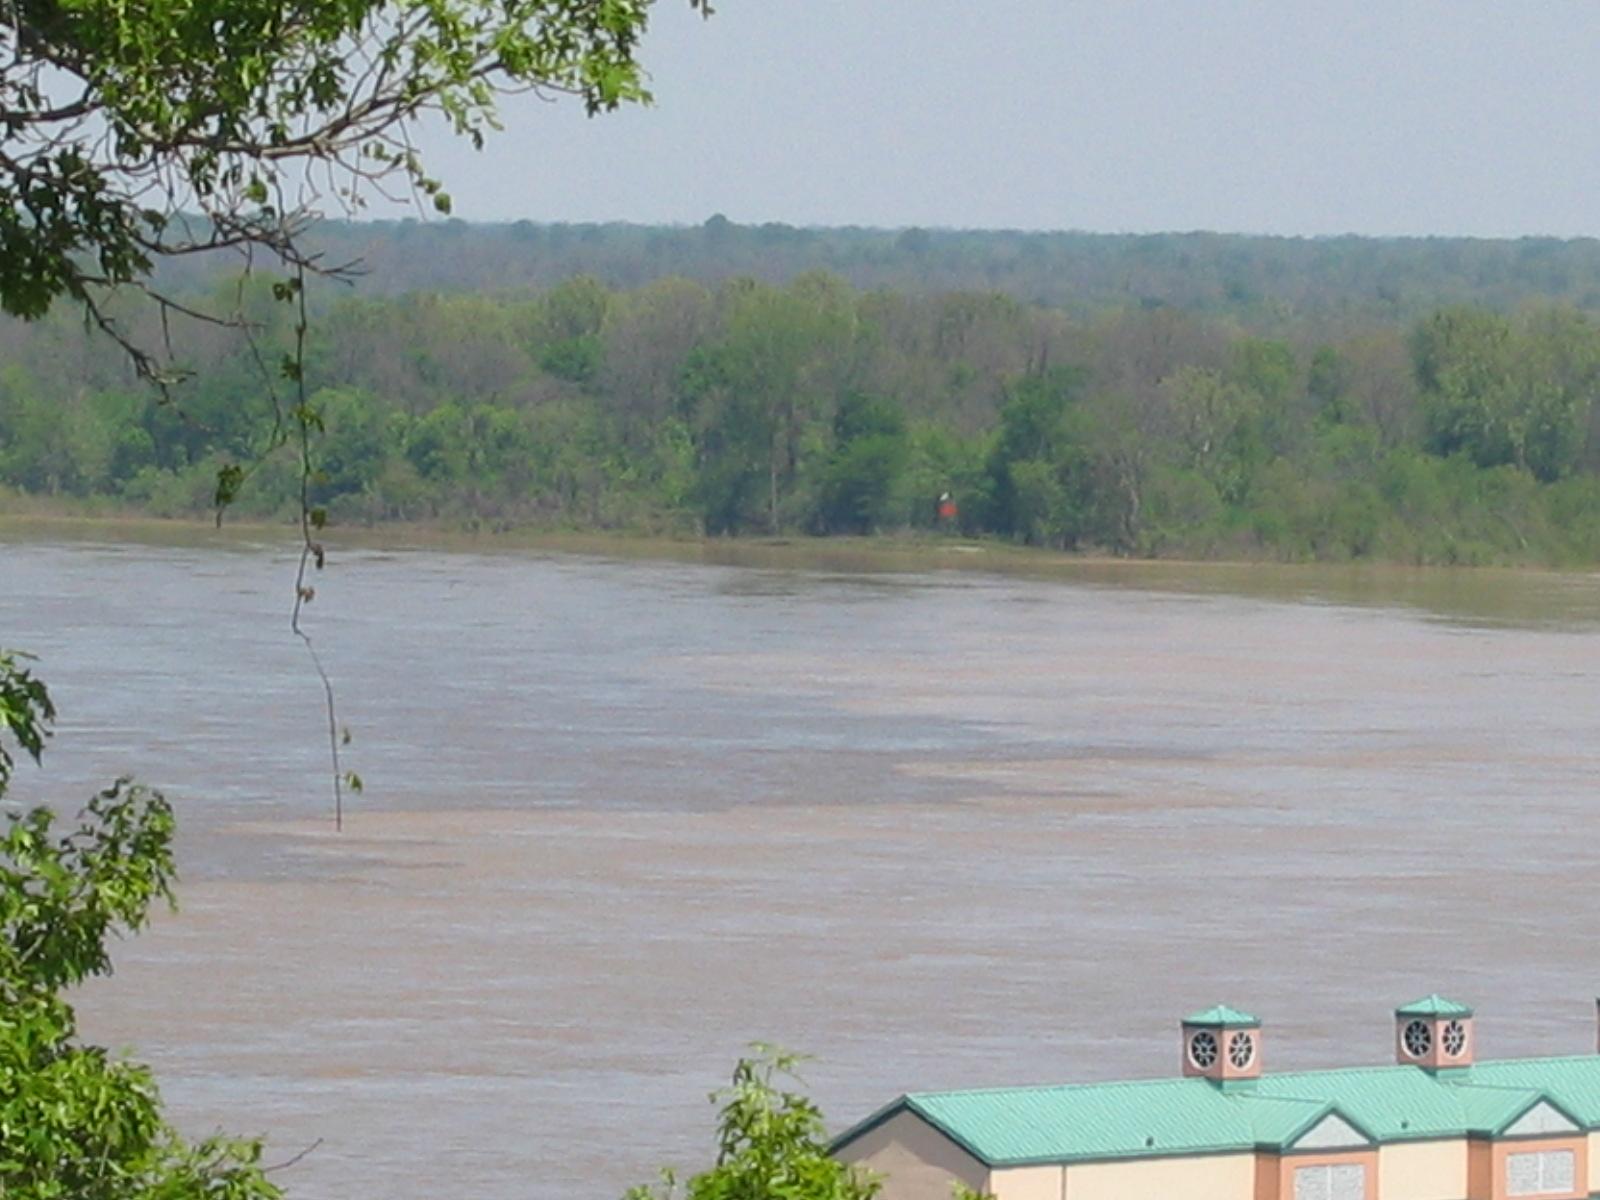 und dem Zusammenfluss von Yazoo River und dem Mississippi